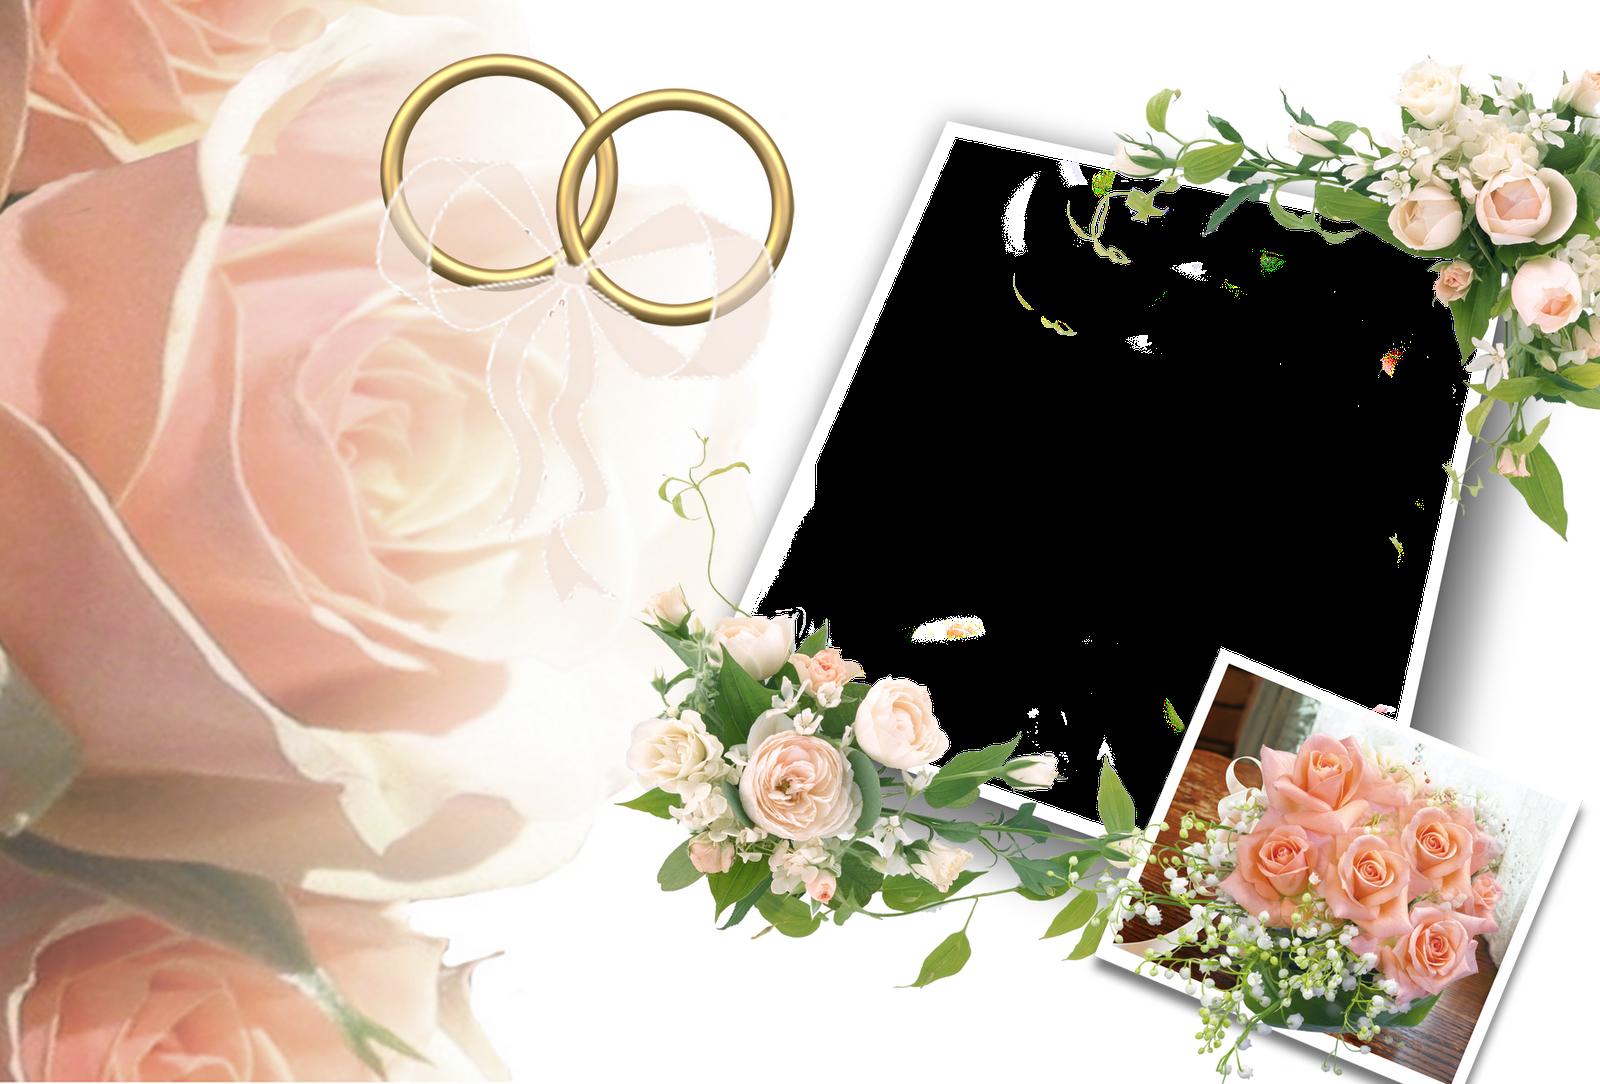 free wedding backgrounds frames frames